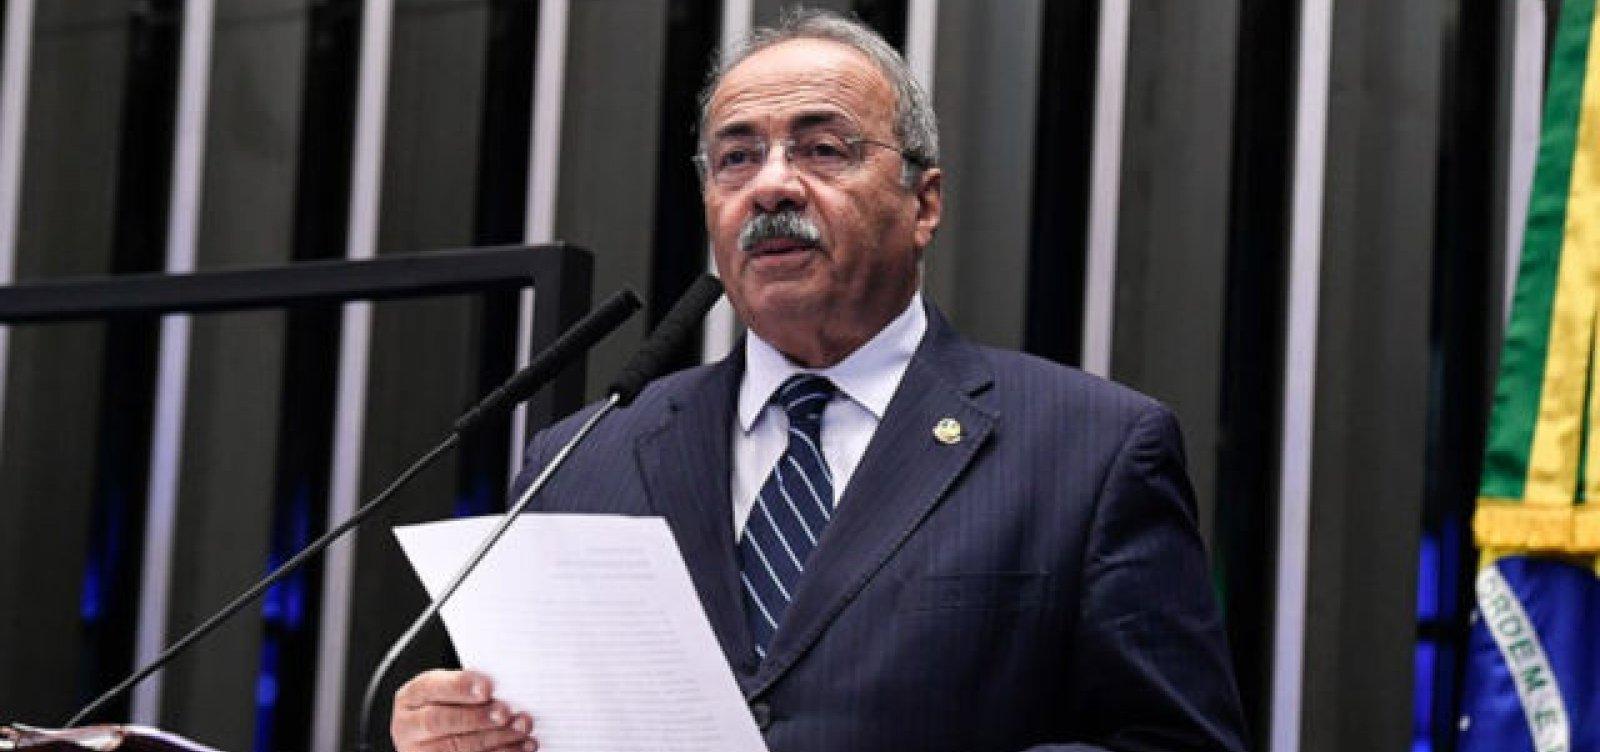 [Partidos entram com pedido no Conselho de Ética para cassar mandato de Chico Rodrigues ]